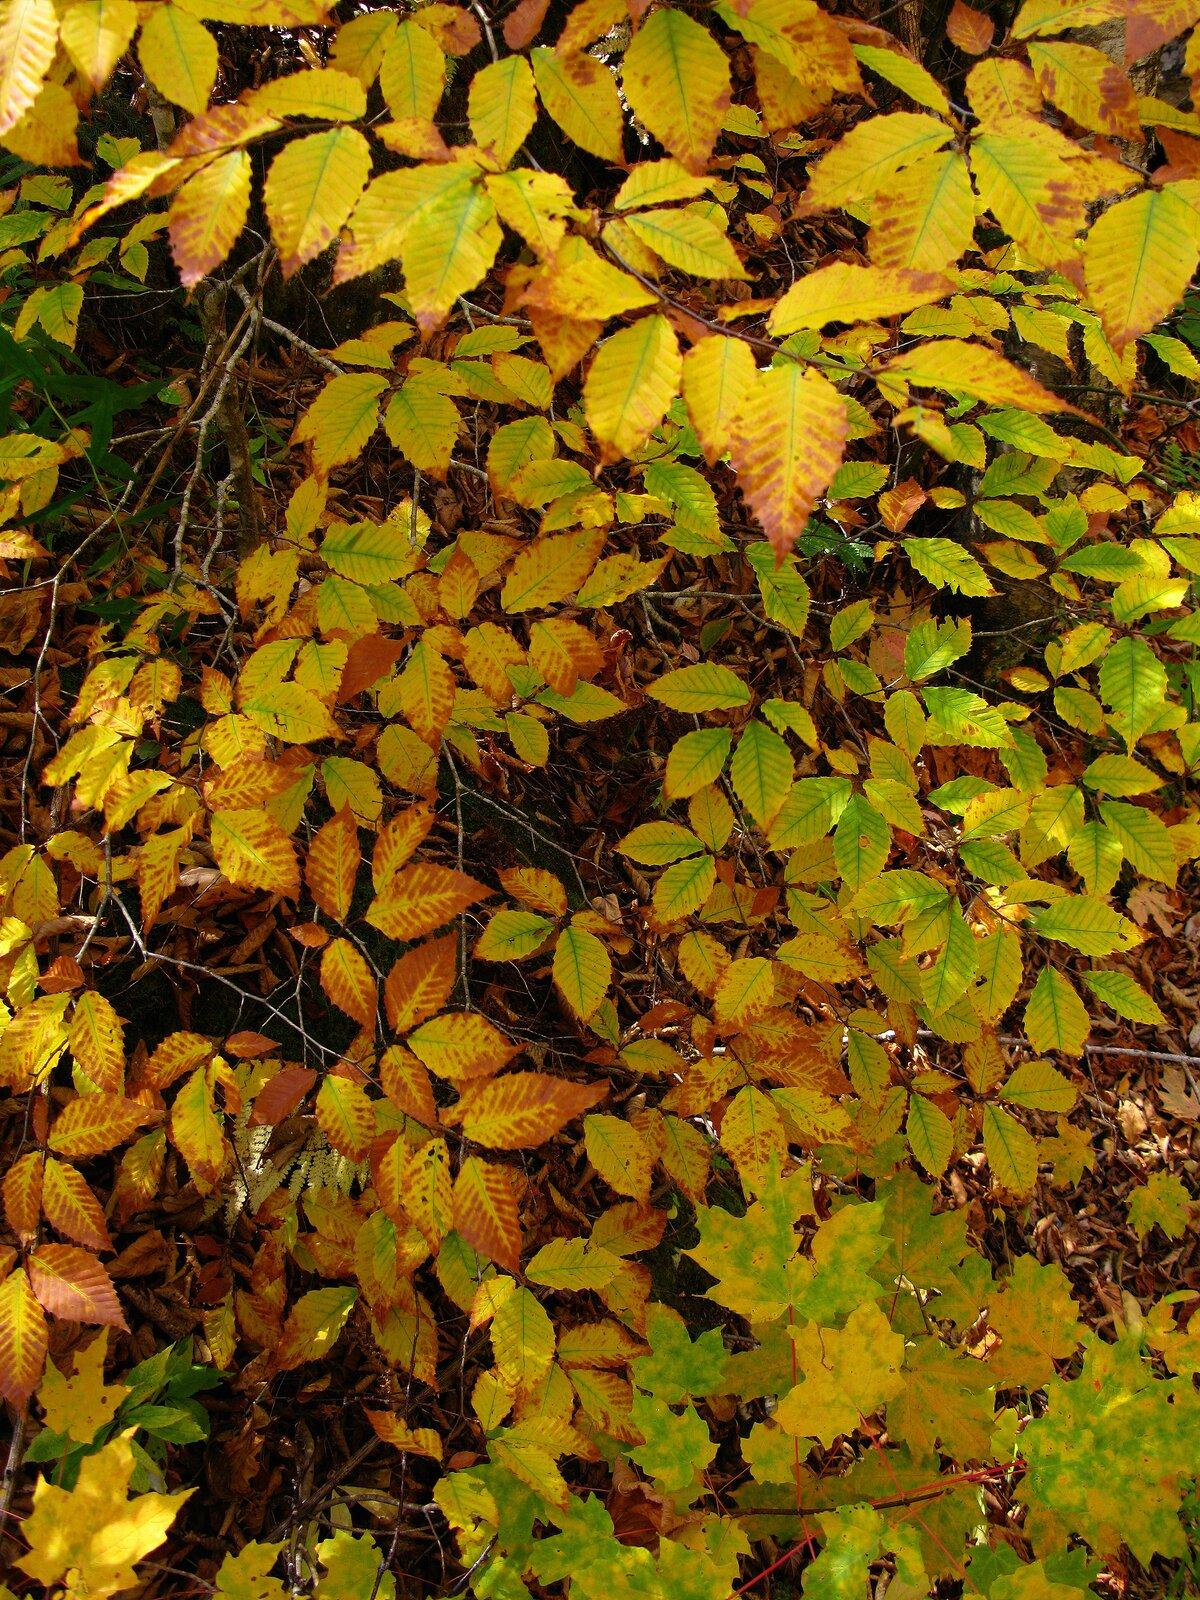 Fotografia przedstawia pożółkłe liście drzewa.